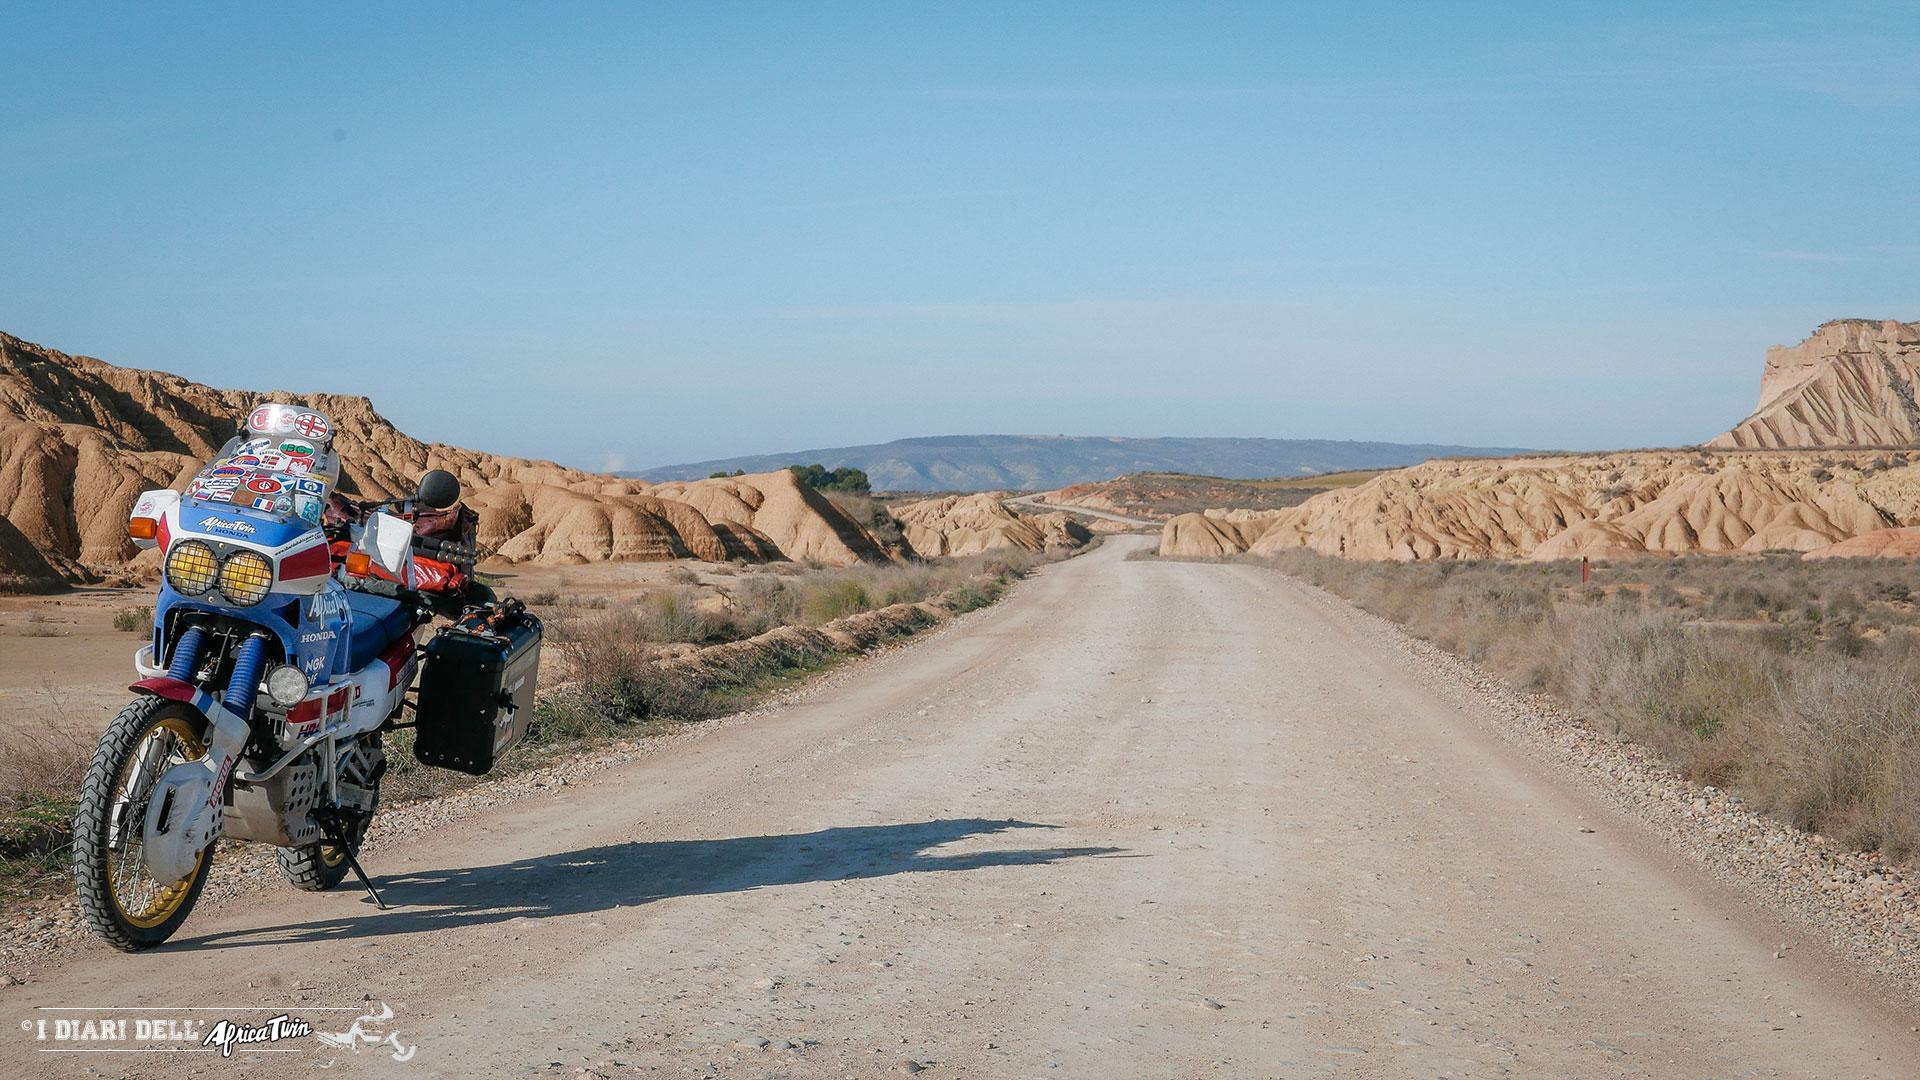 gomme-per-viaggi-in-moto-quali-pneumatici-scegliere